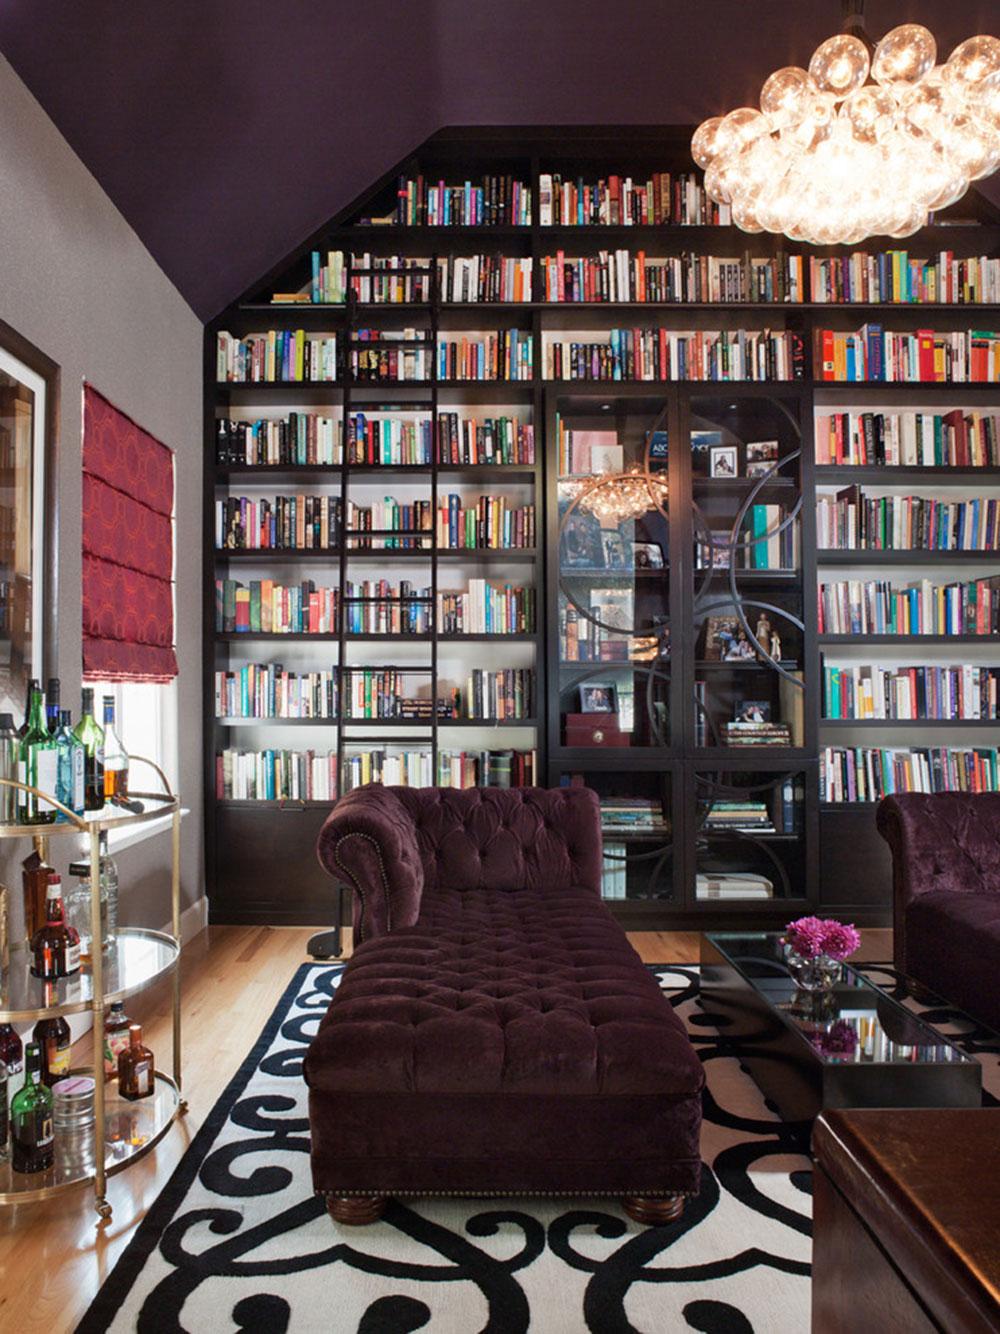 Skapa ett hembibliotek Design gör för ett avkopplande utrymme 8 Skapa ett hembibliotek Design gör för ett avkopplande utrymme